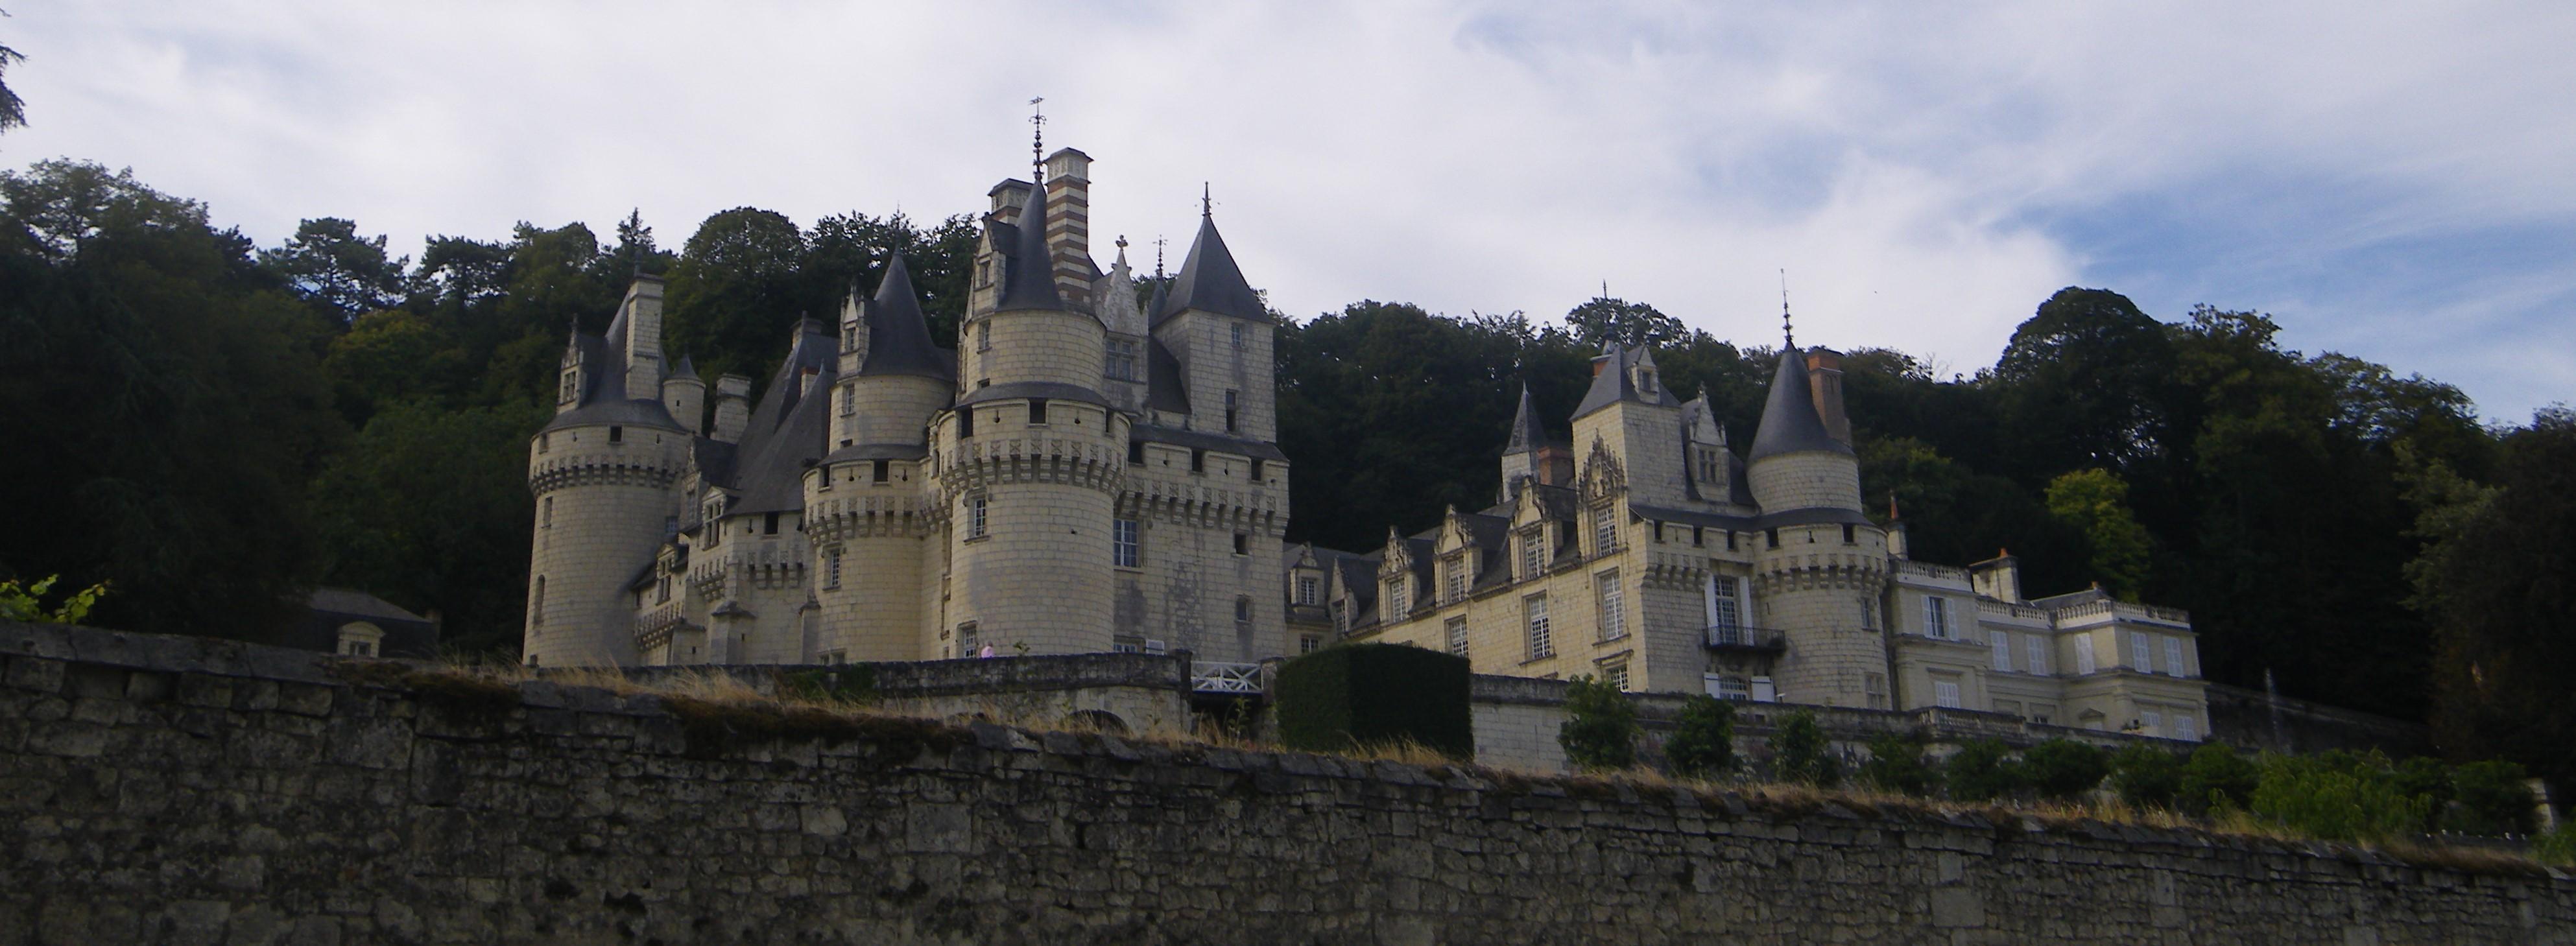 Chateau_dUsse_2